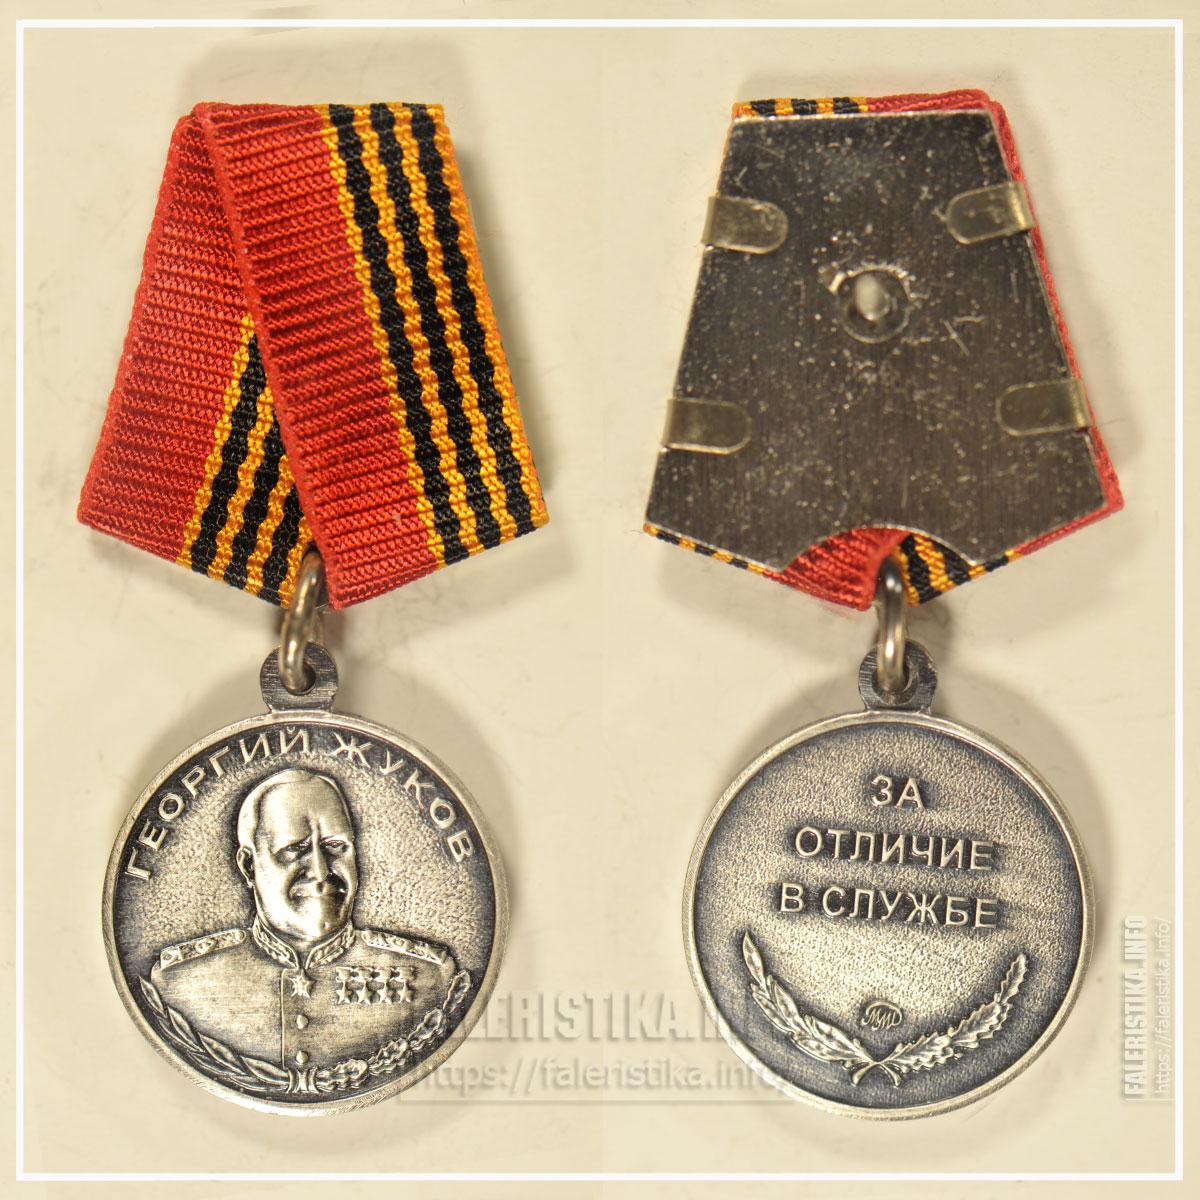 Медаль Жукова. Миниатюрная копия знака (фрачник). Московский монетный двор